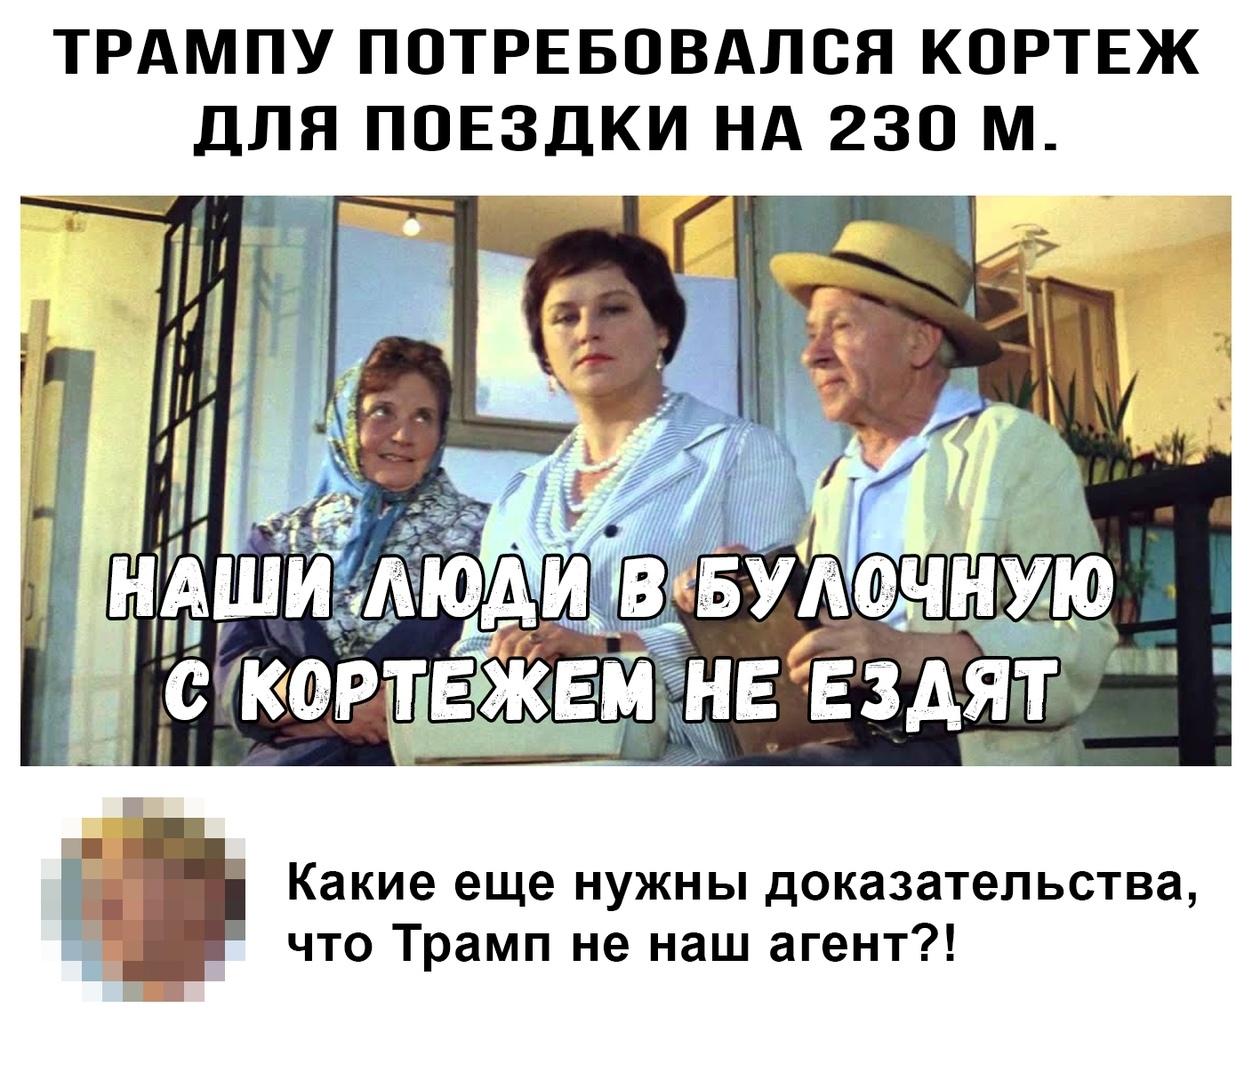 https://pp.userapi.com/c849328/v849328989/d8f40/aO9k5DaqLWg.jpg